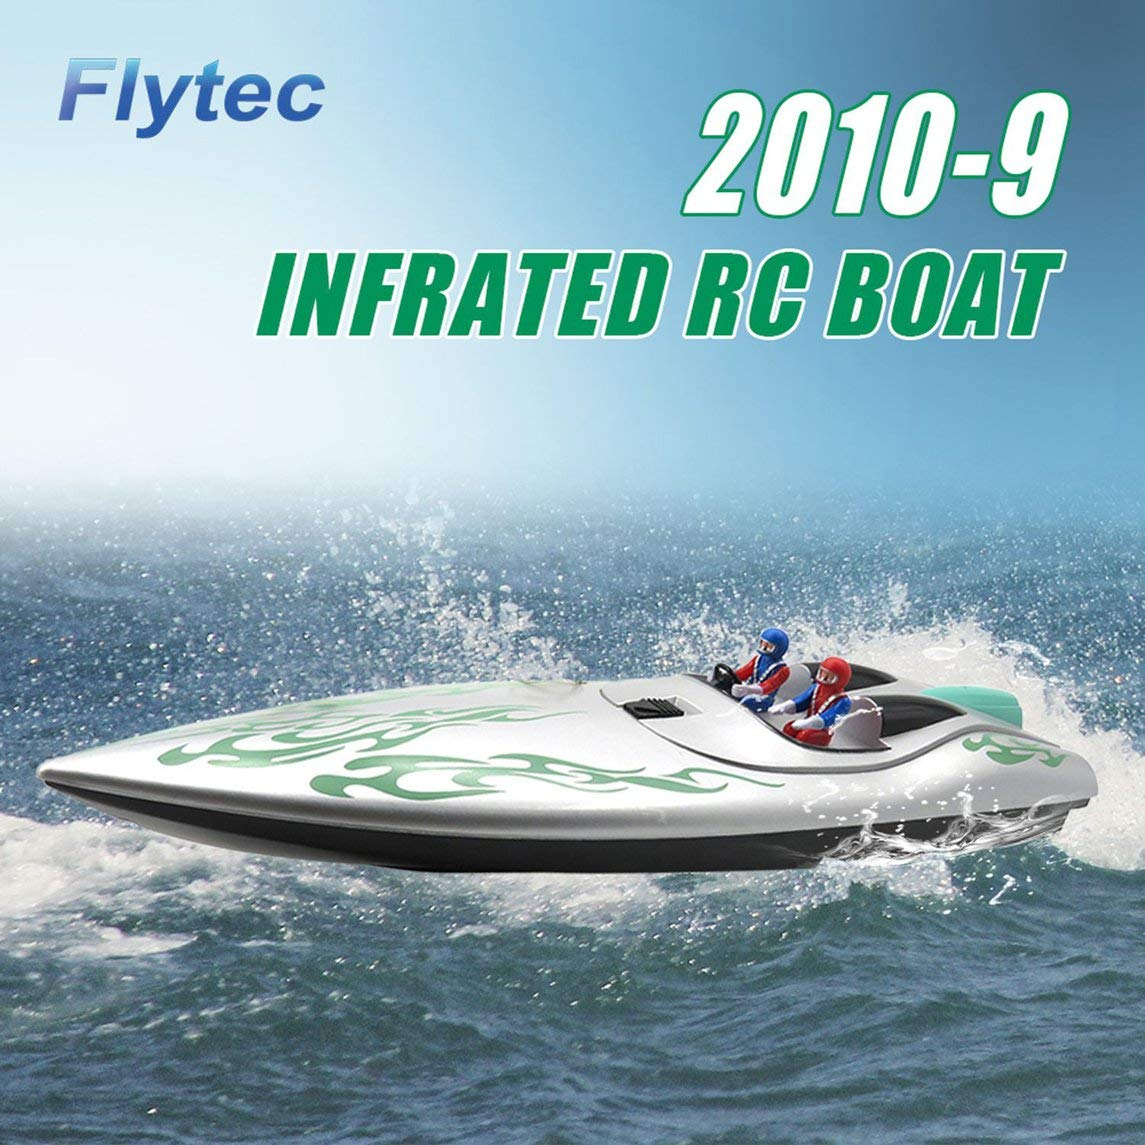 Footprintse Barco RC;Barcos RC Toda la Nave de Control Remoto de navegación lancha Modelo Color: Plata